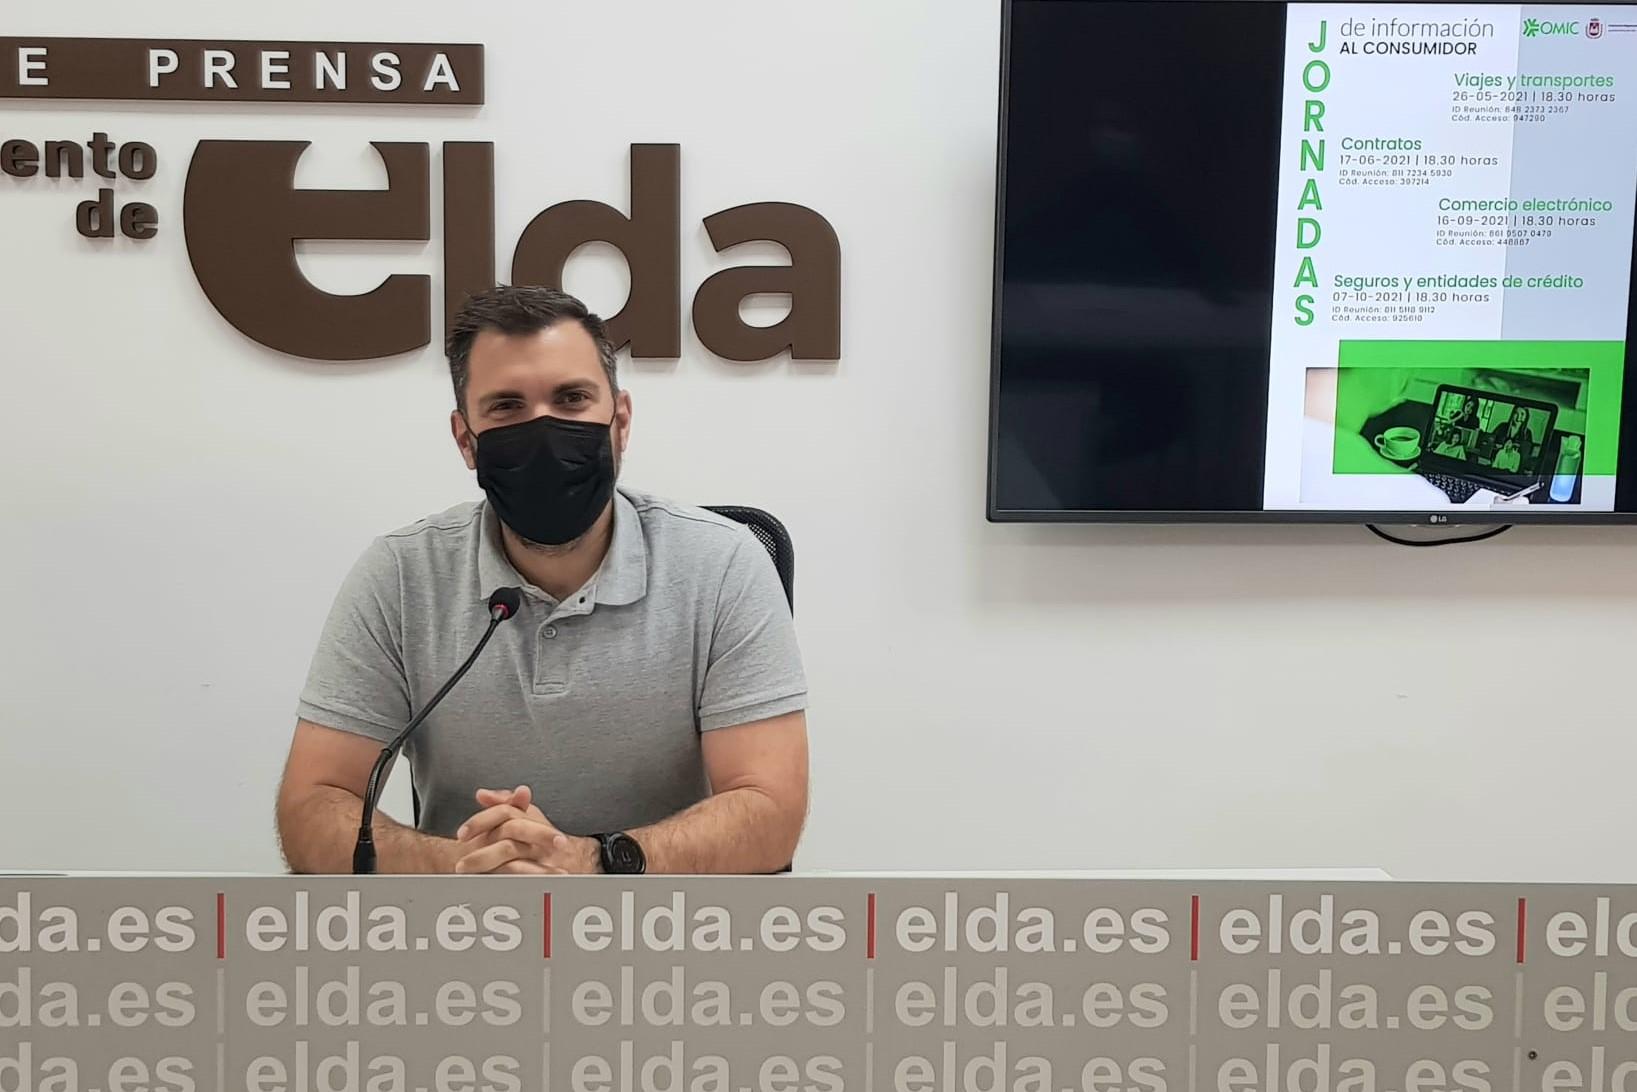 El Ayuntamiento de Elda organiza unas jornadas con ponencias informativas y participativas para impulsar el consumo sostenible